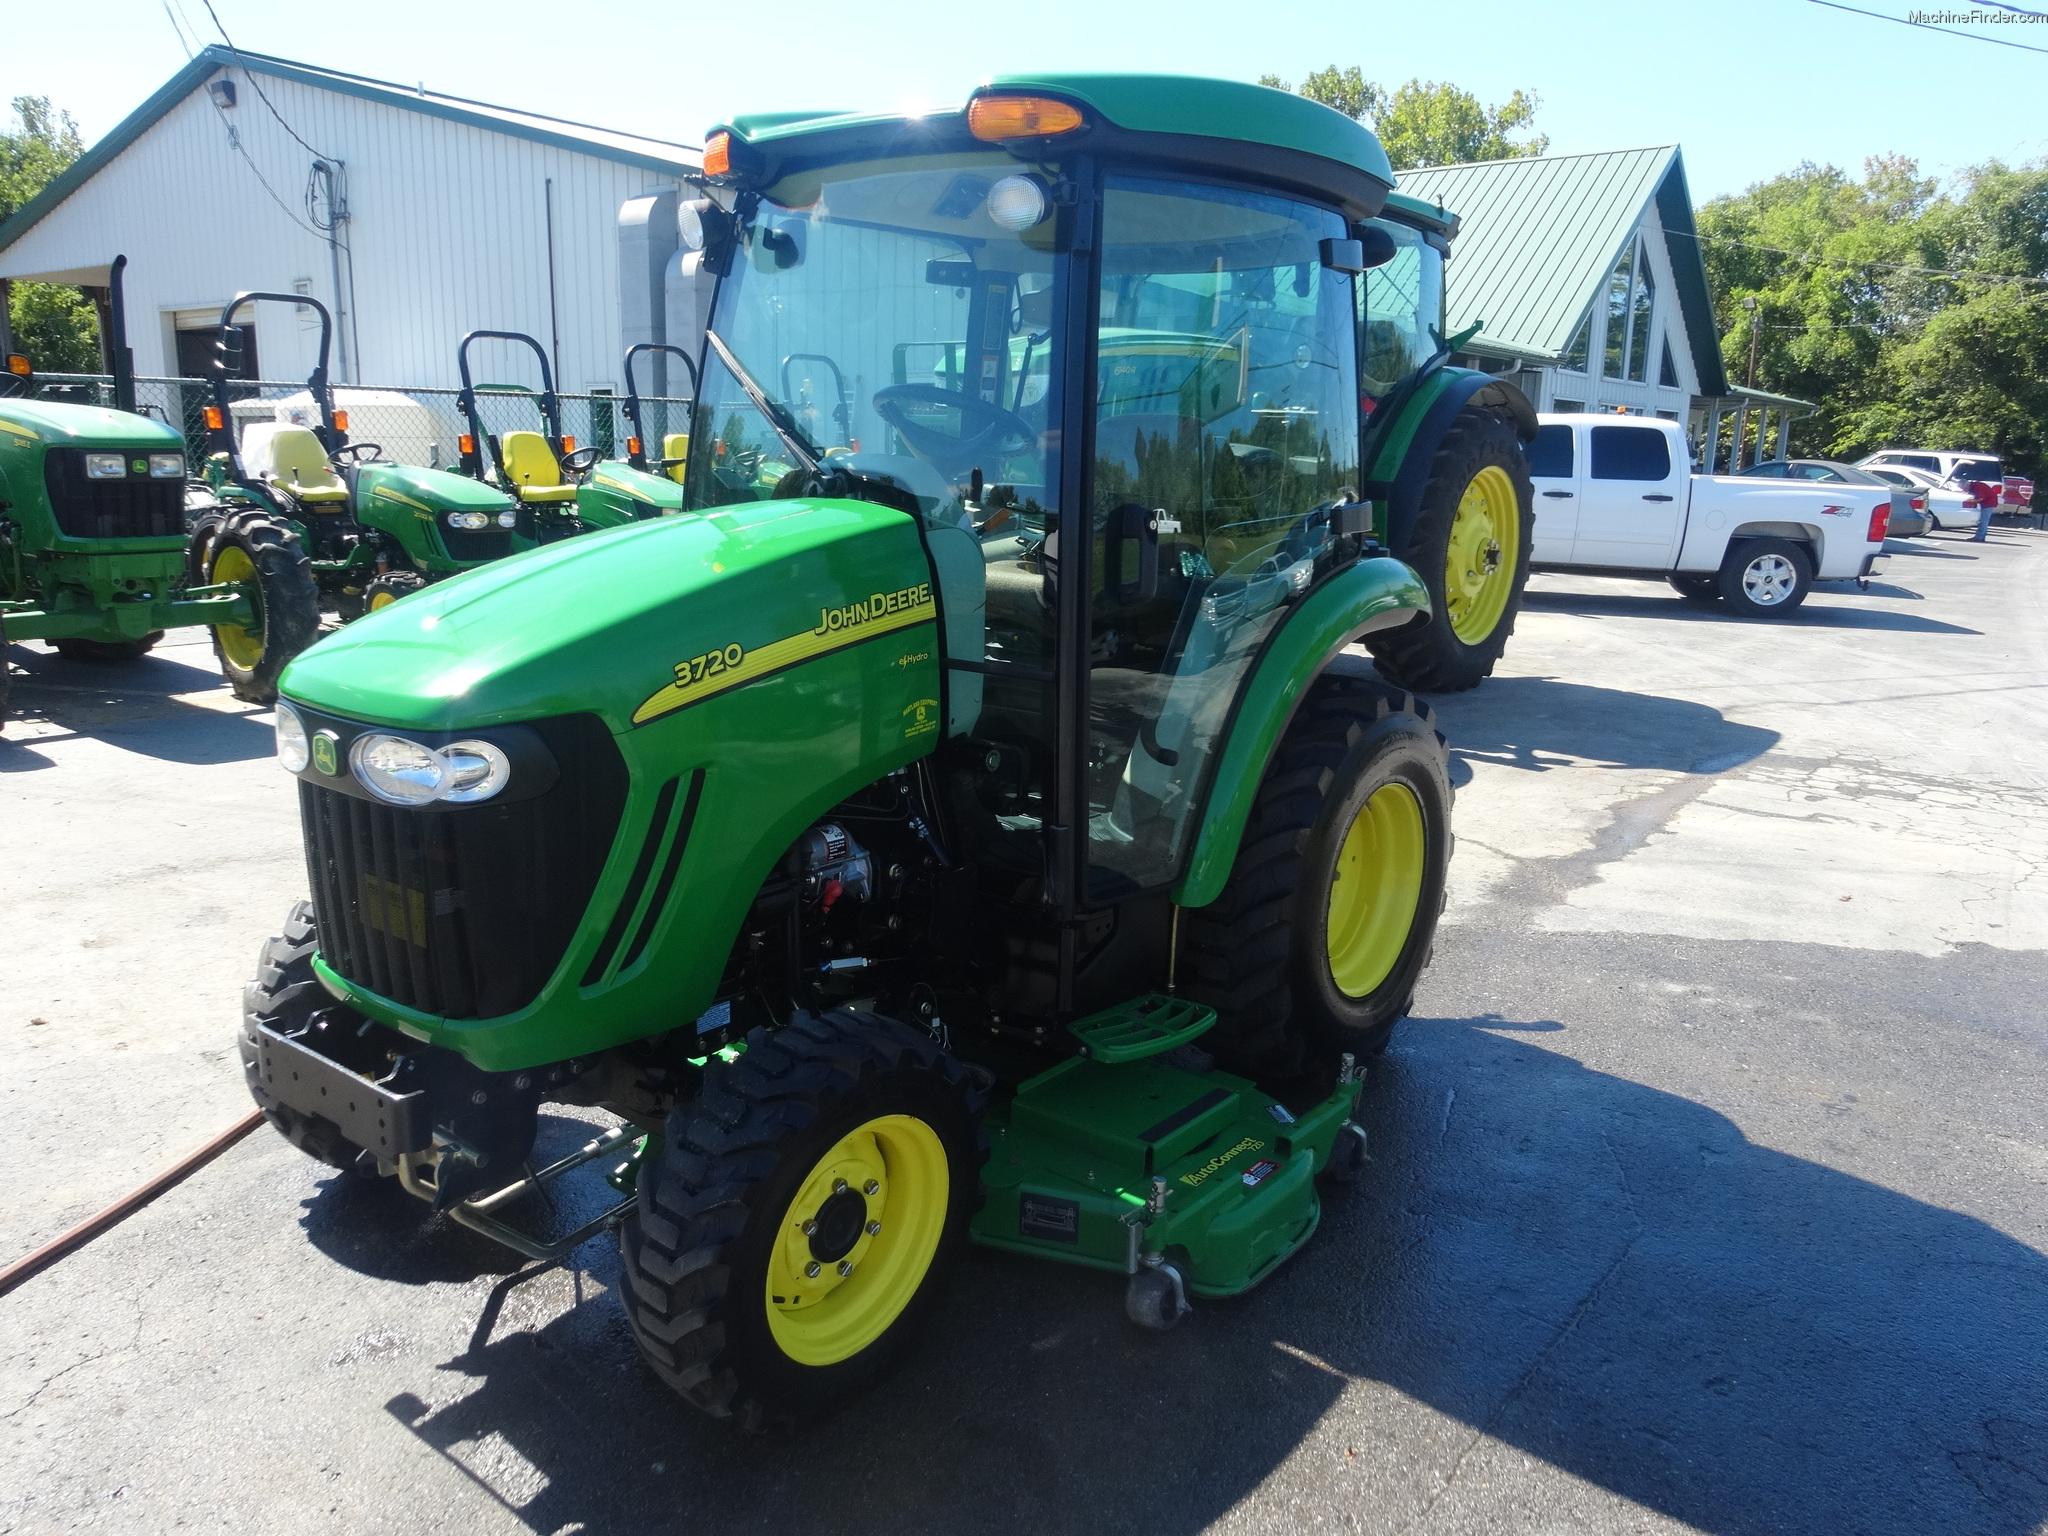 2010 John Deere 3720 Tractors - Compact (1-40hp.) - John Deere ...